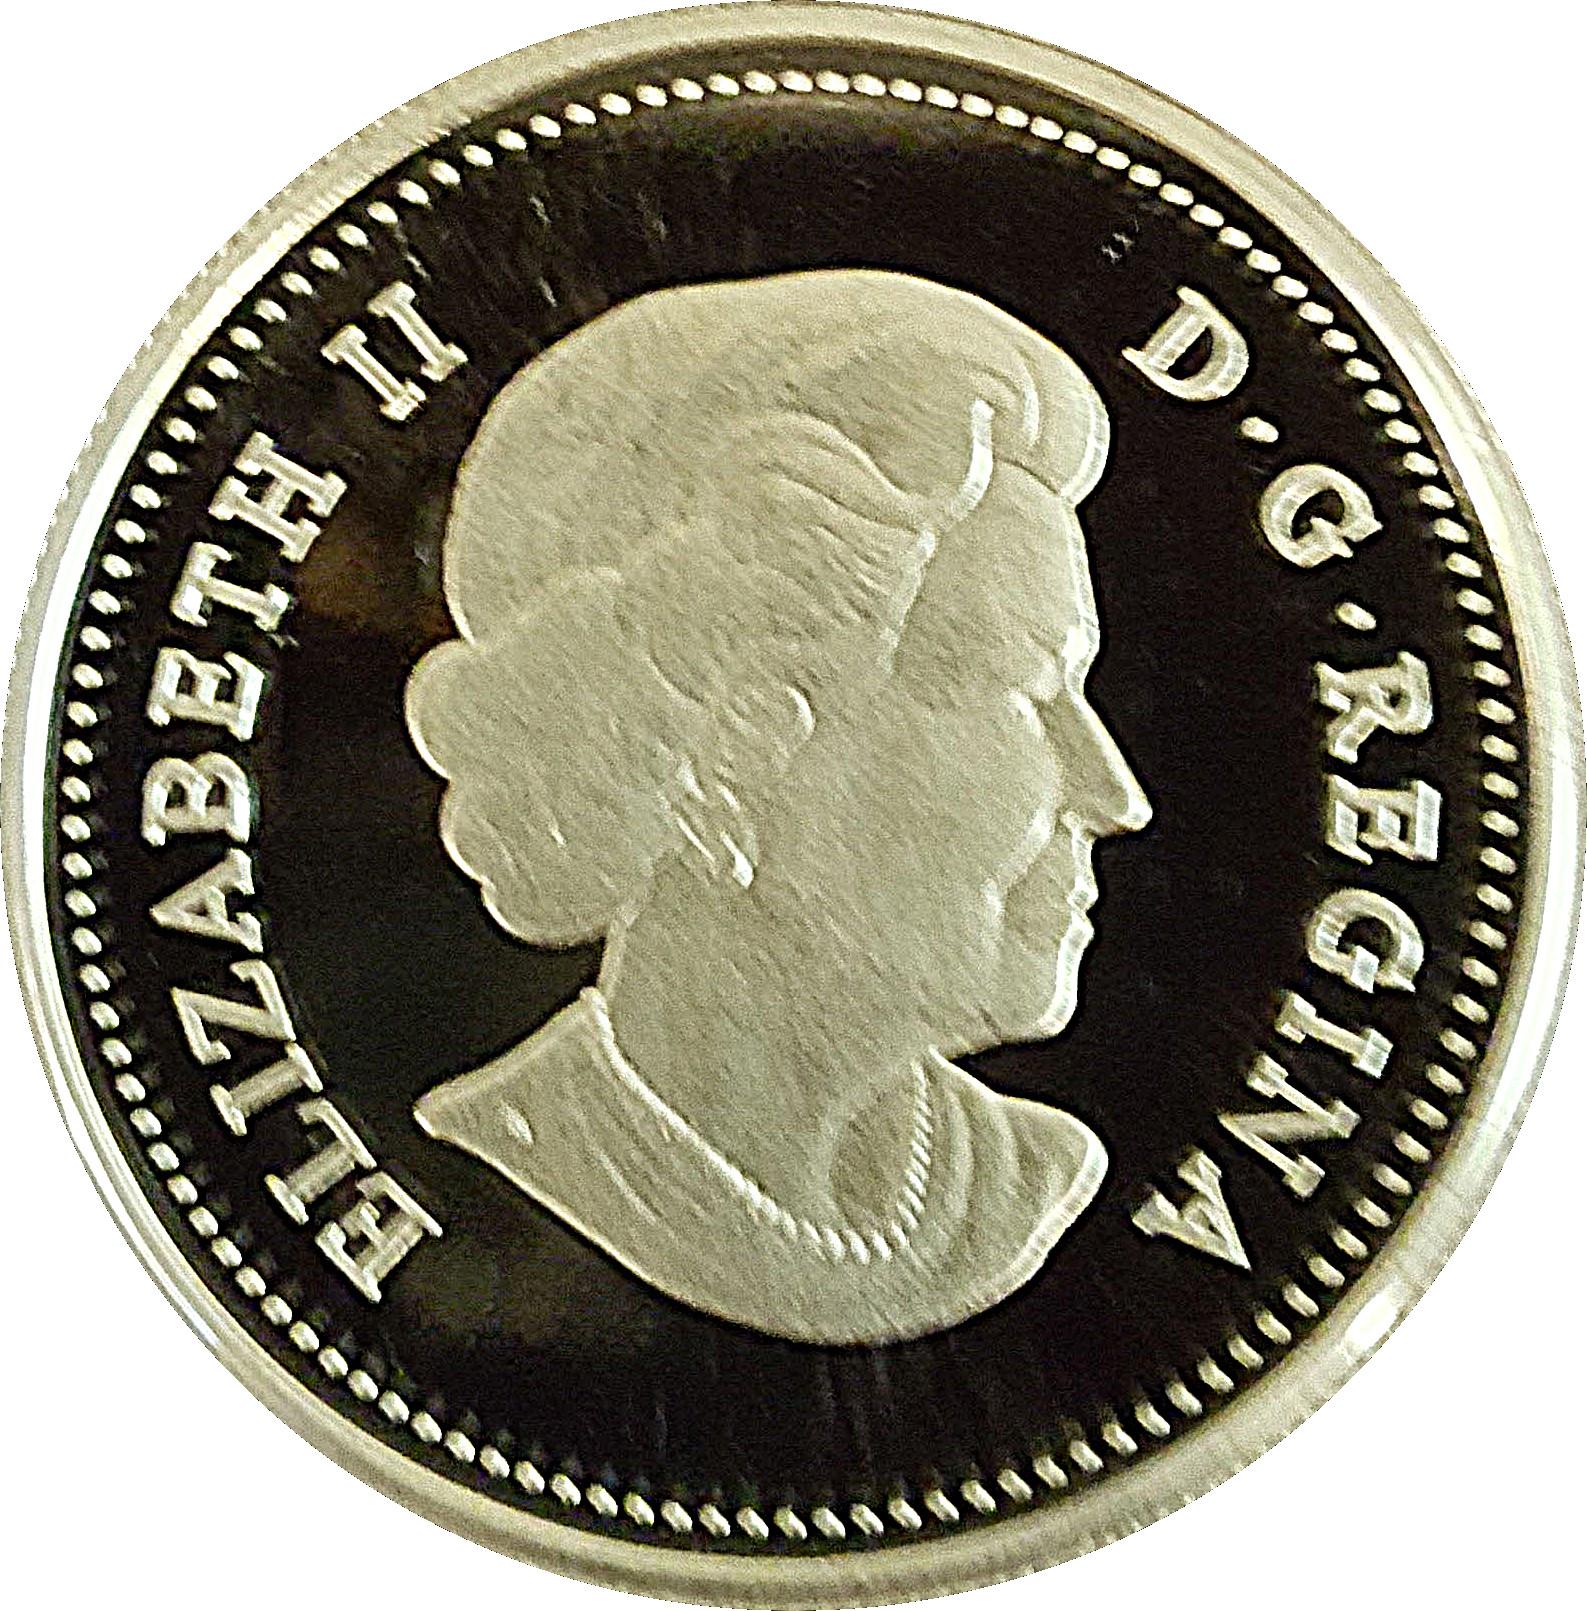 2018 Canada Polar Bear 1//2 oz .9999 Silver $2 Dollar Coin